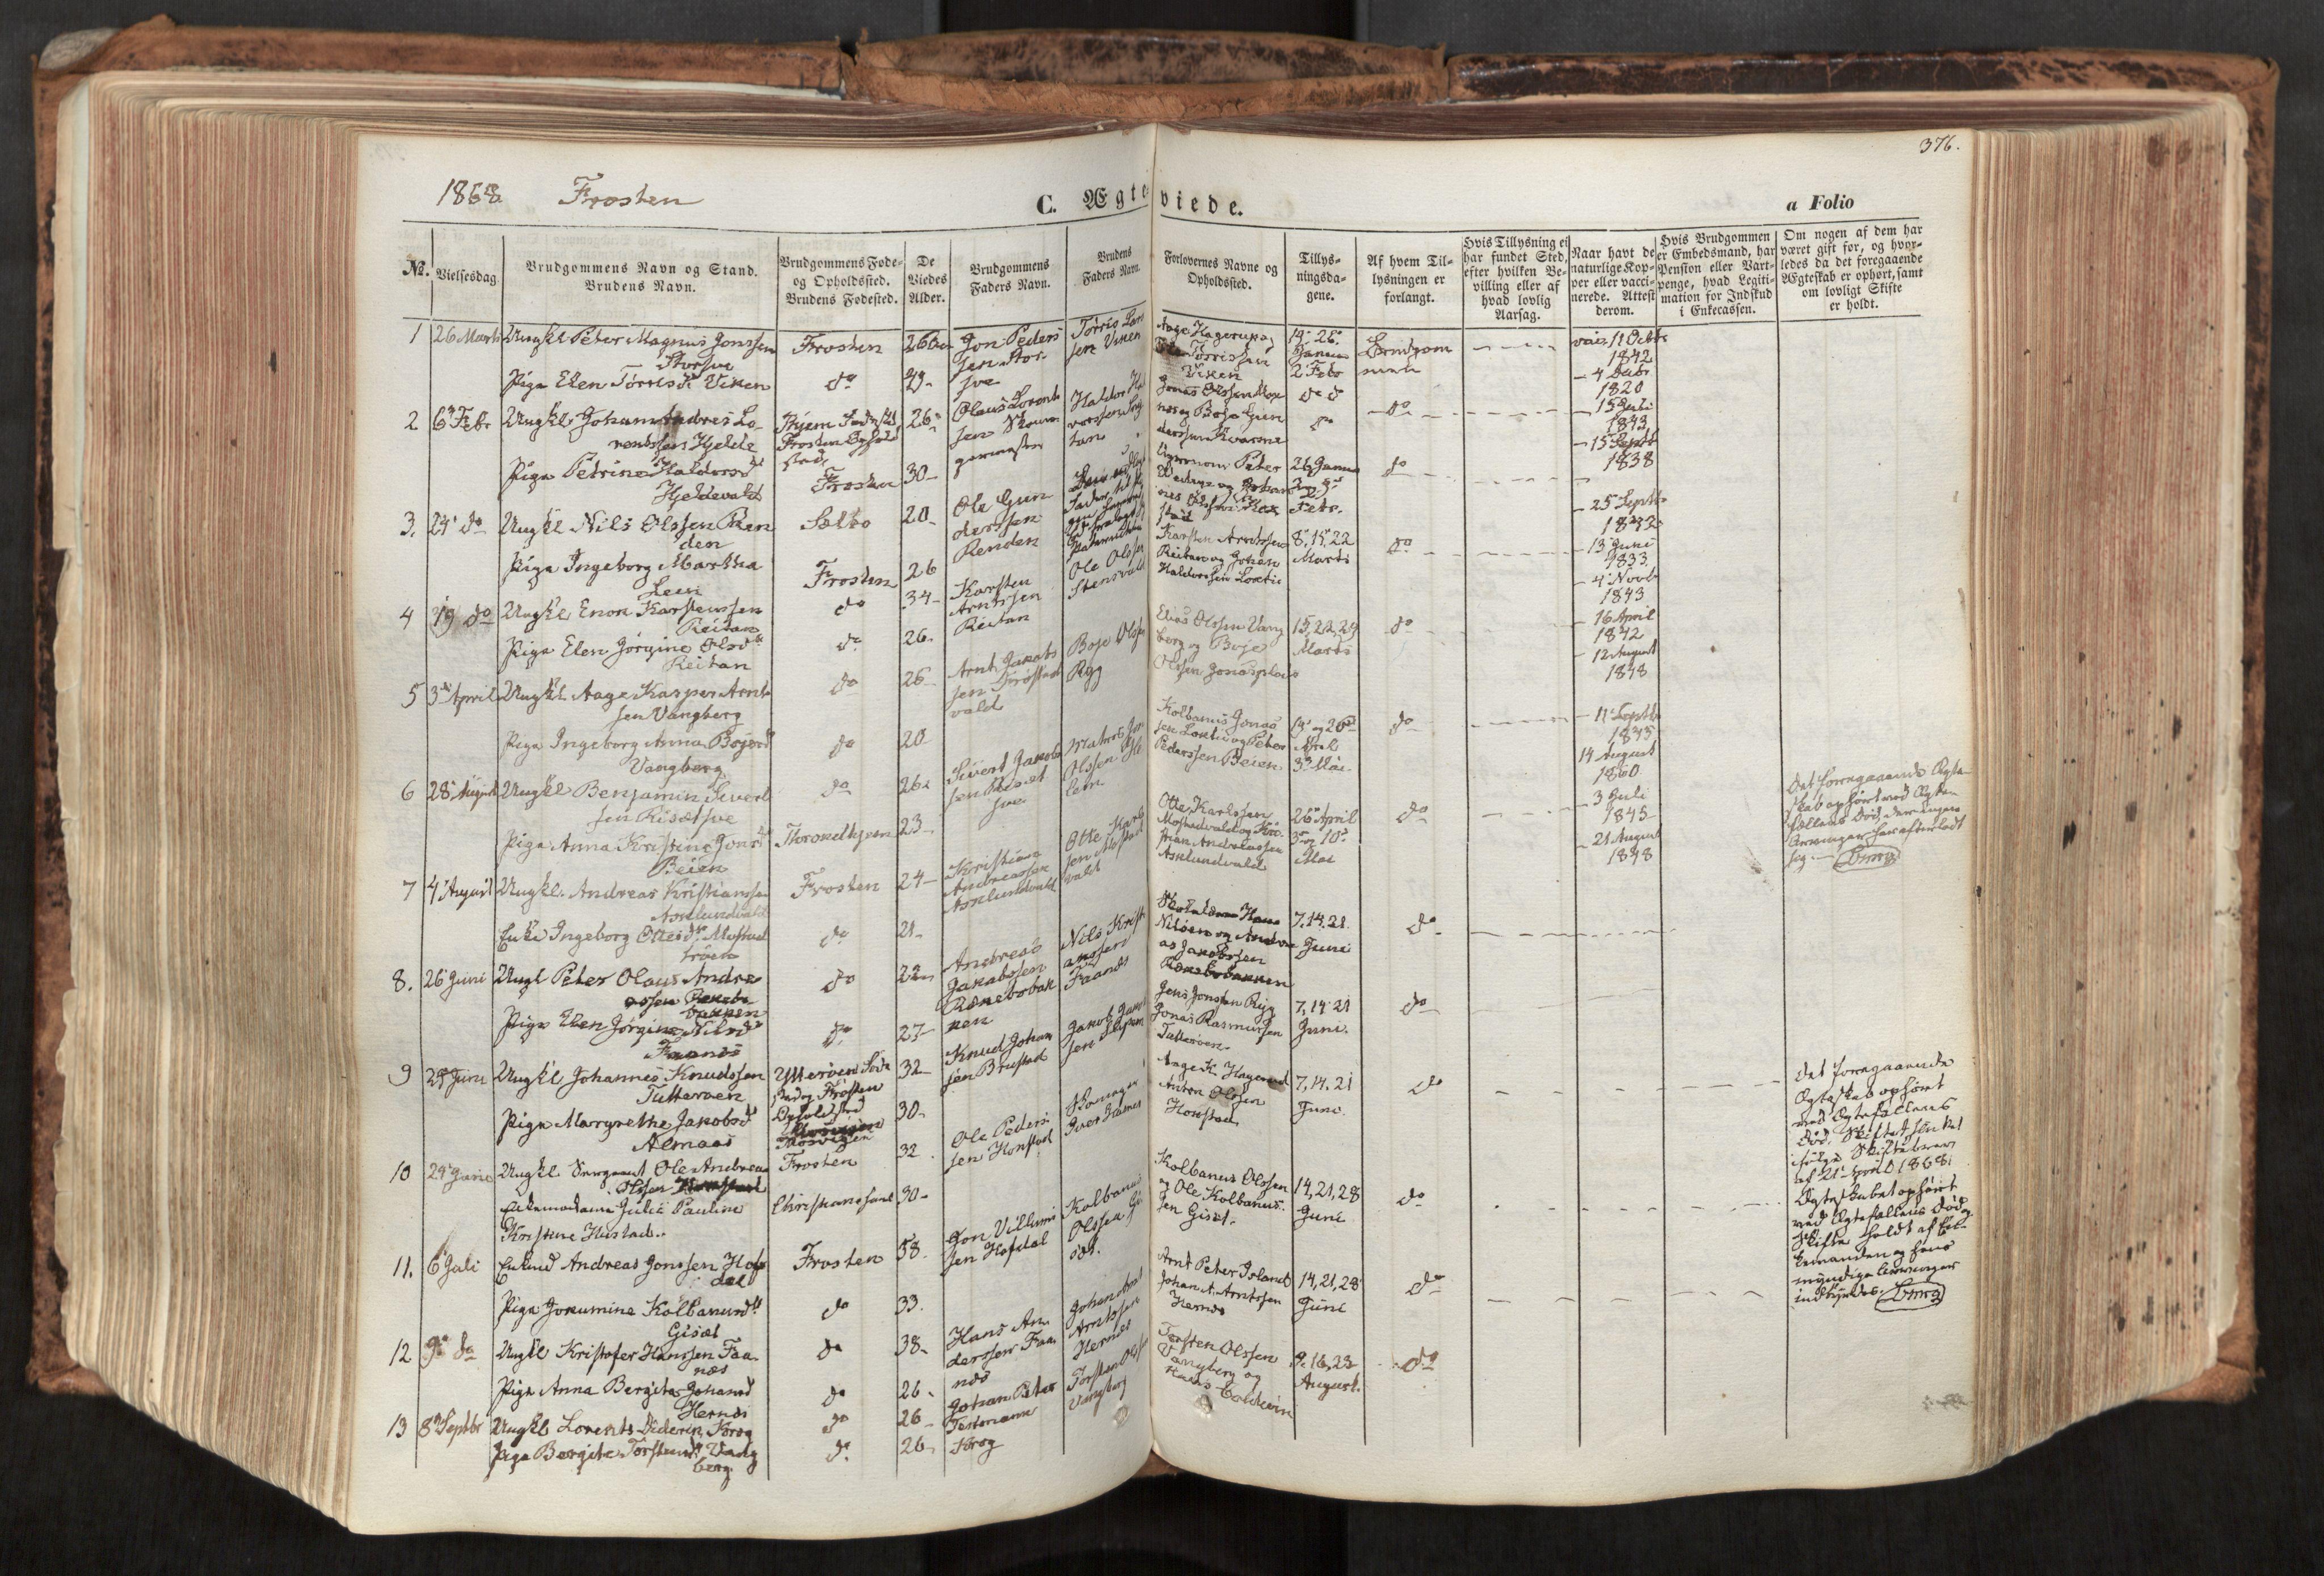 SAT, Ministerialprotokoller, klokkerbøker og fødselsregistre - Nord-Trøndelag, 713/L0116: Ministerialbok nr. 713A07, 1850-1877, s. 376